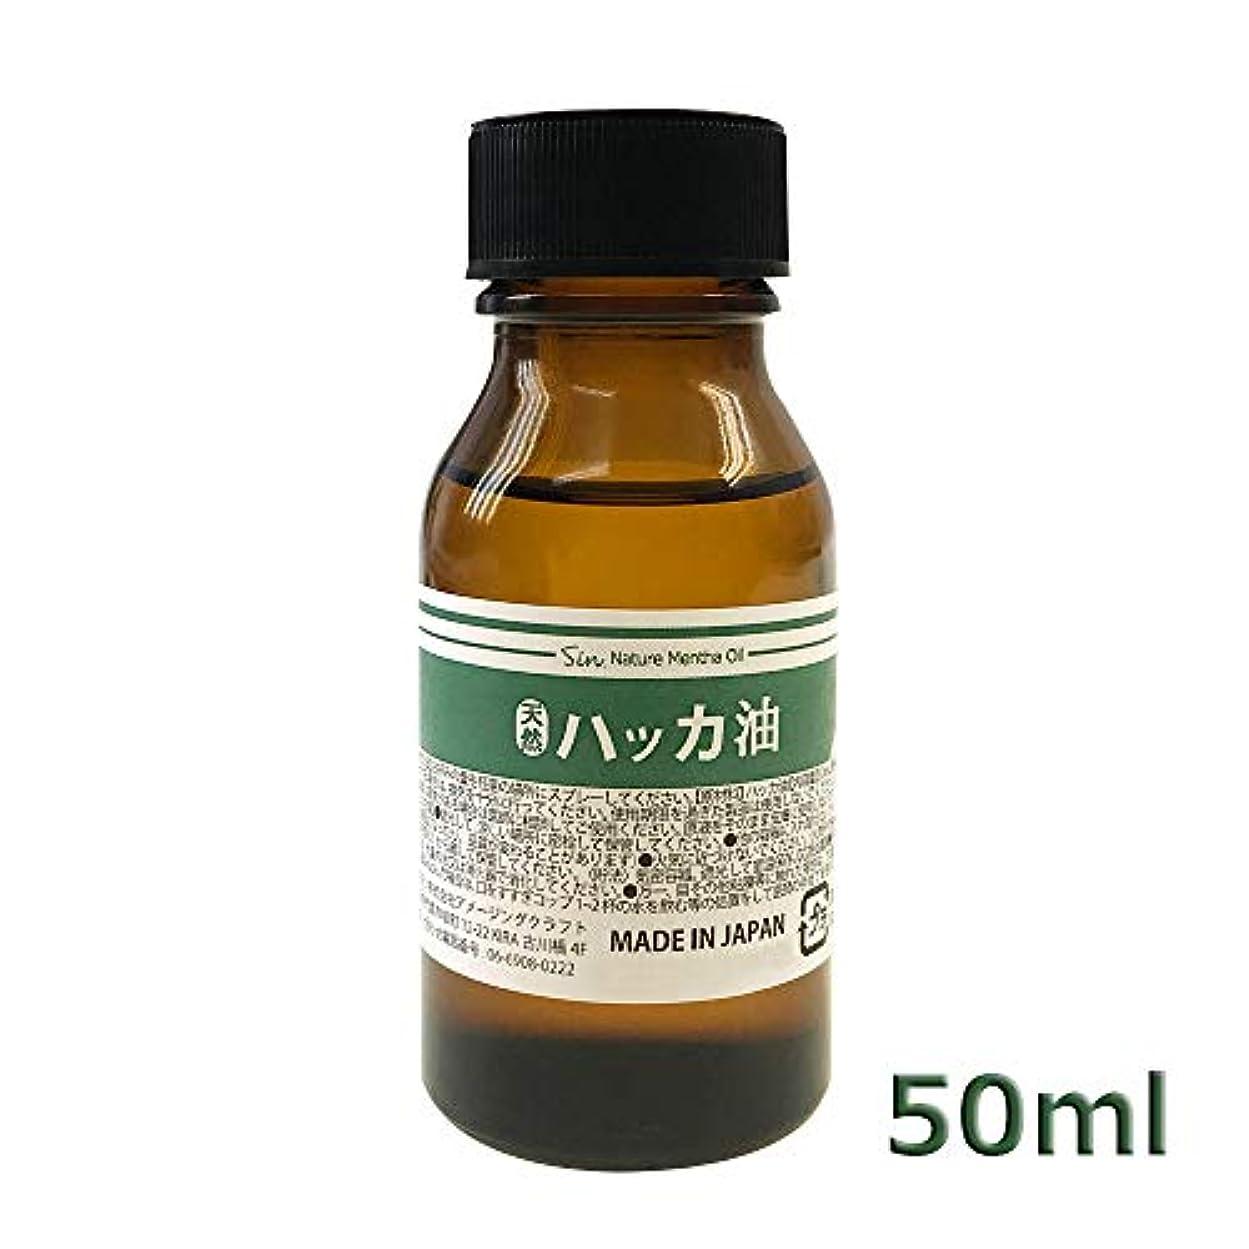 欠点詩人ドロップ日本製 天然ハッカ油(ハッカオイル) 50ml